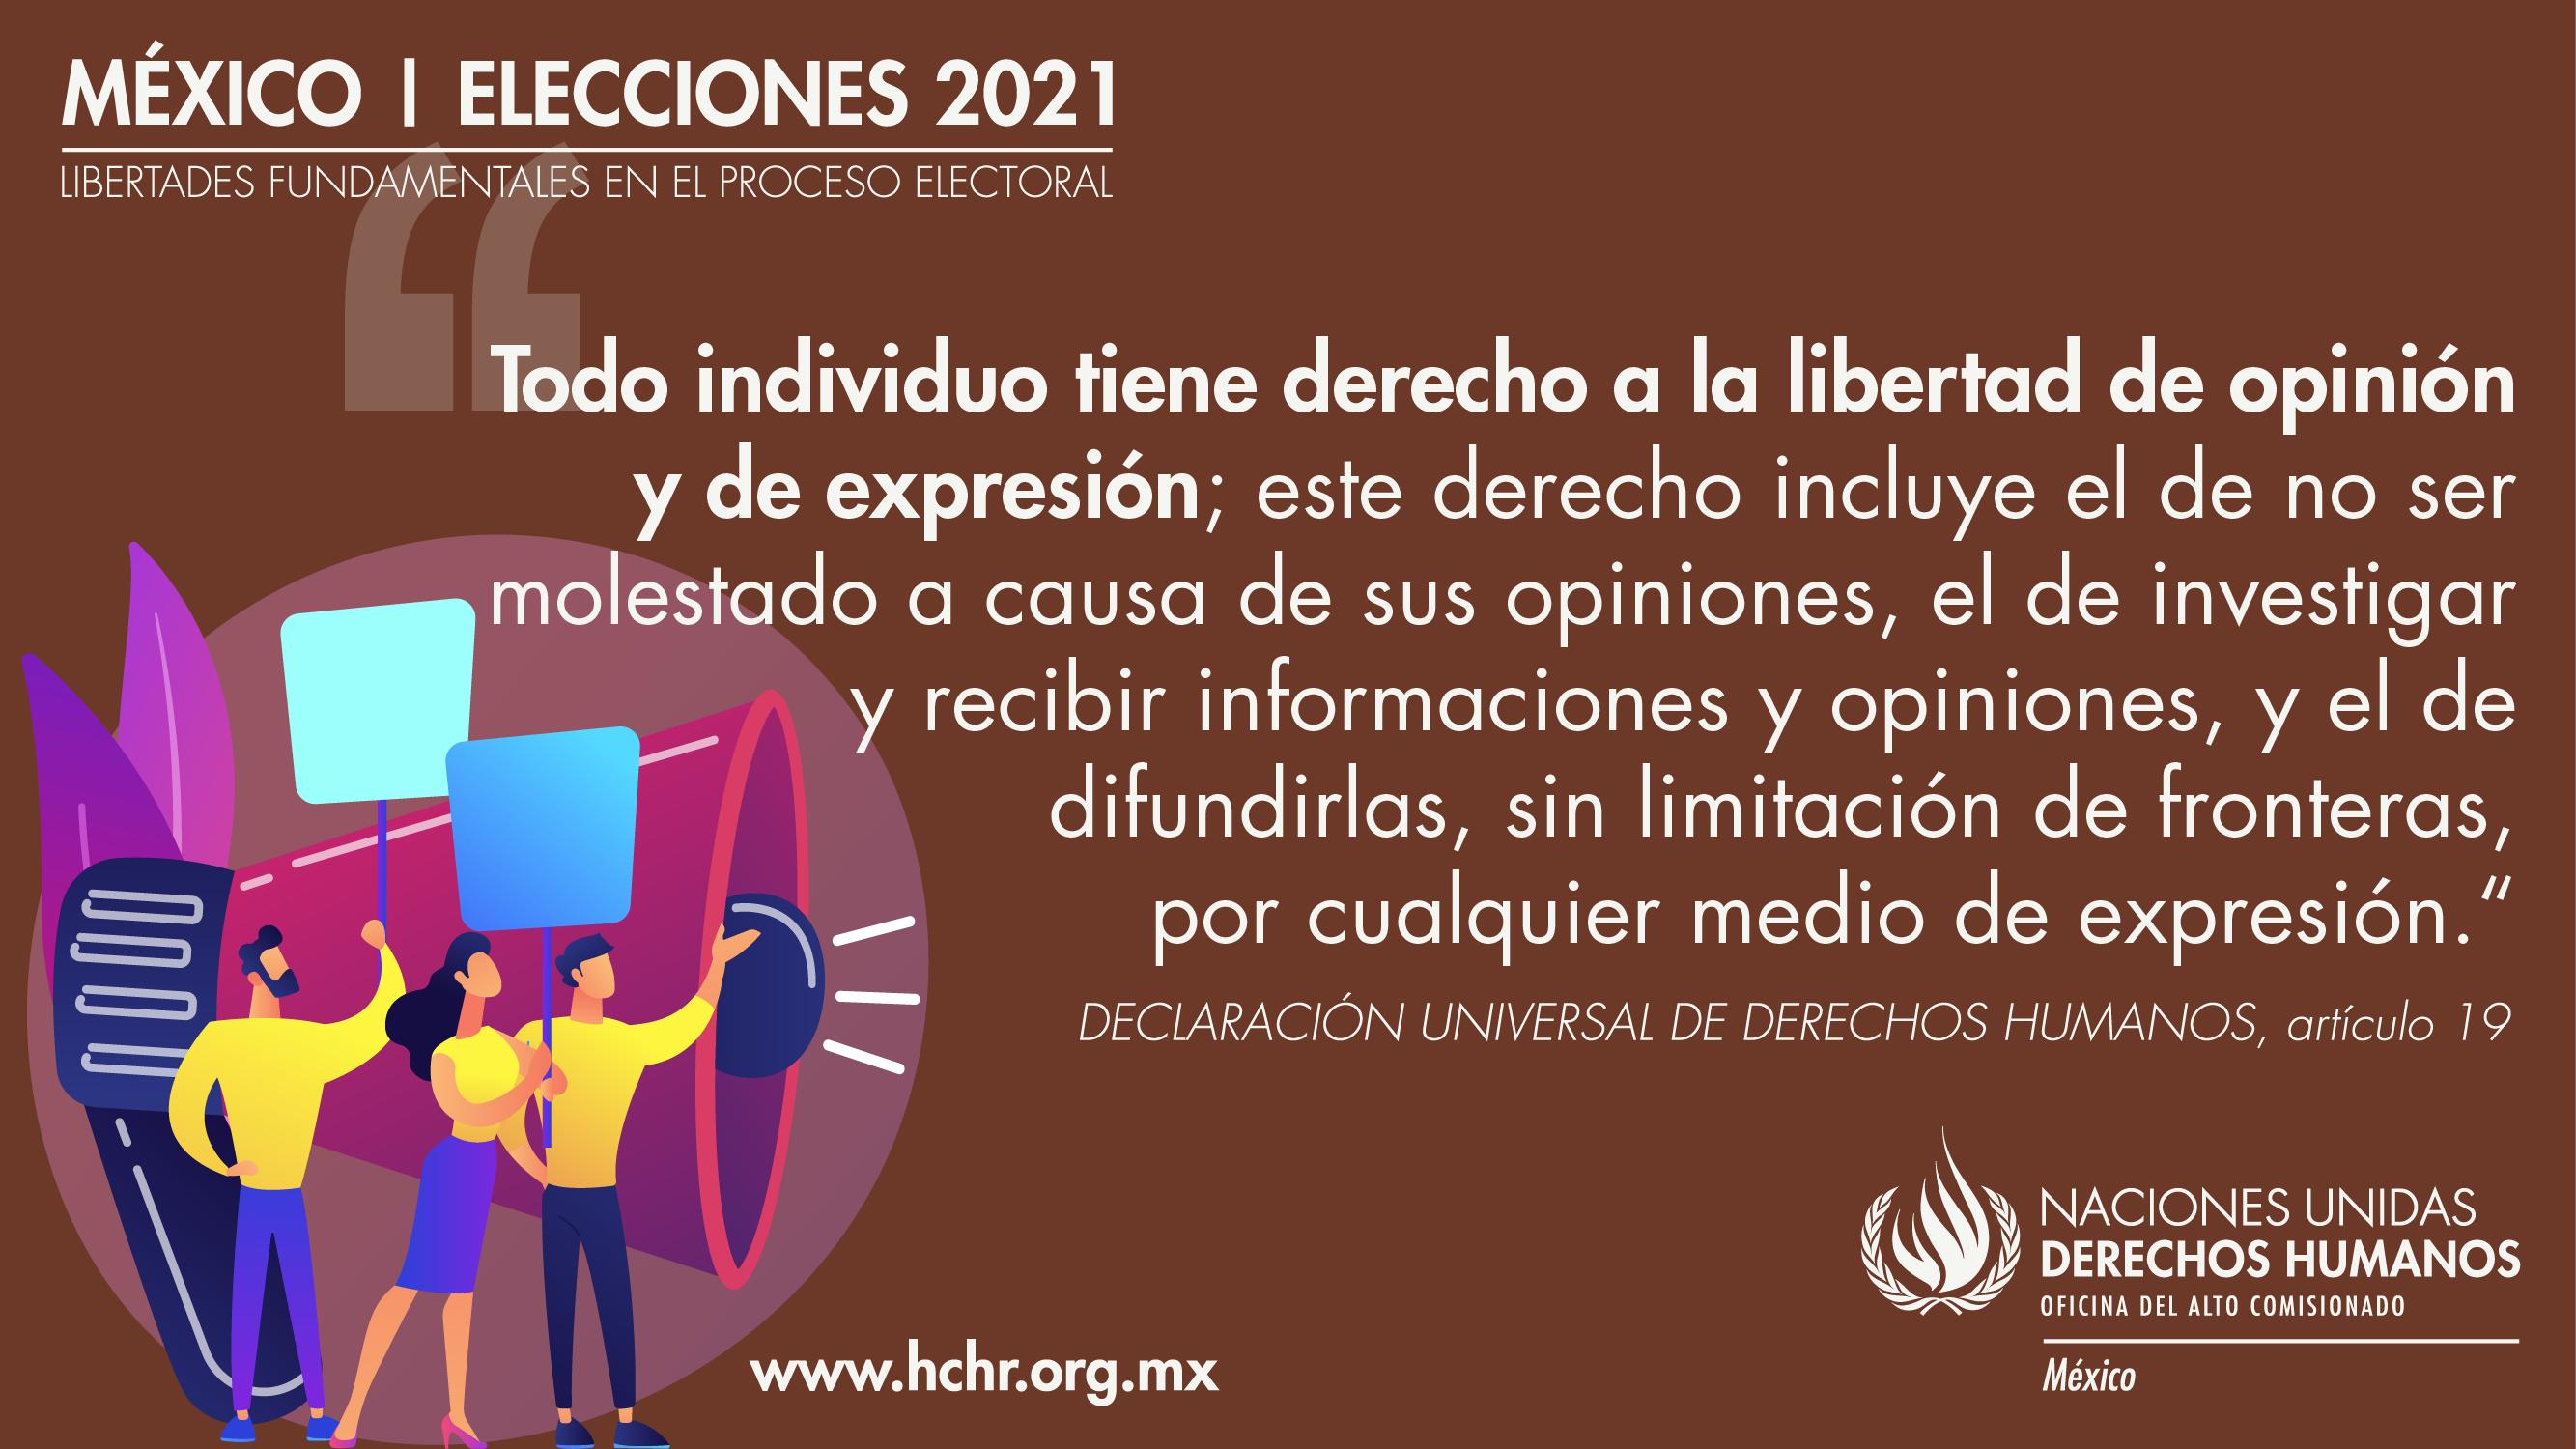 YA_Postales_EstándaresDH_Elecciones_Mesa de trabajo 1 copia 6